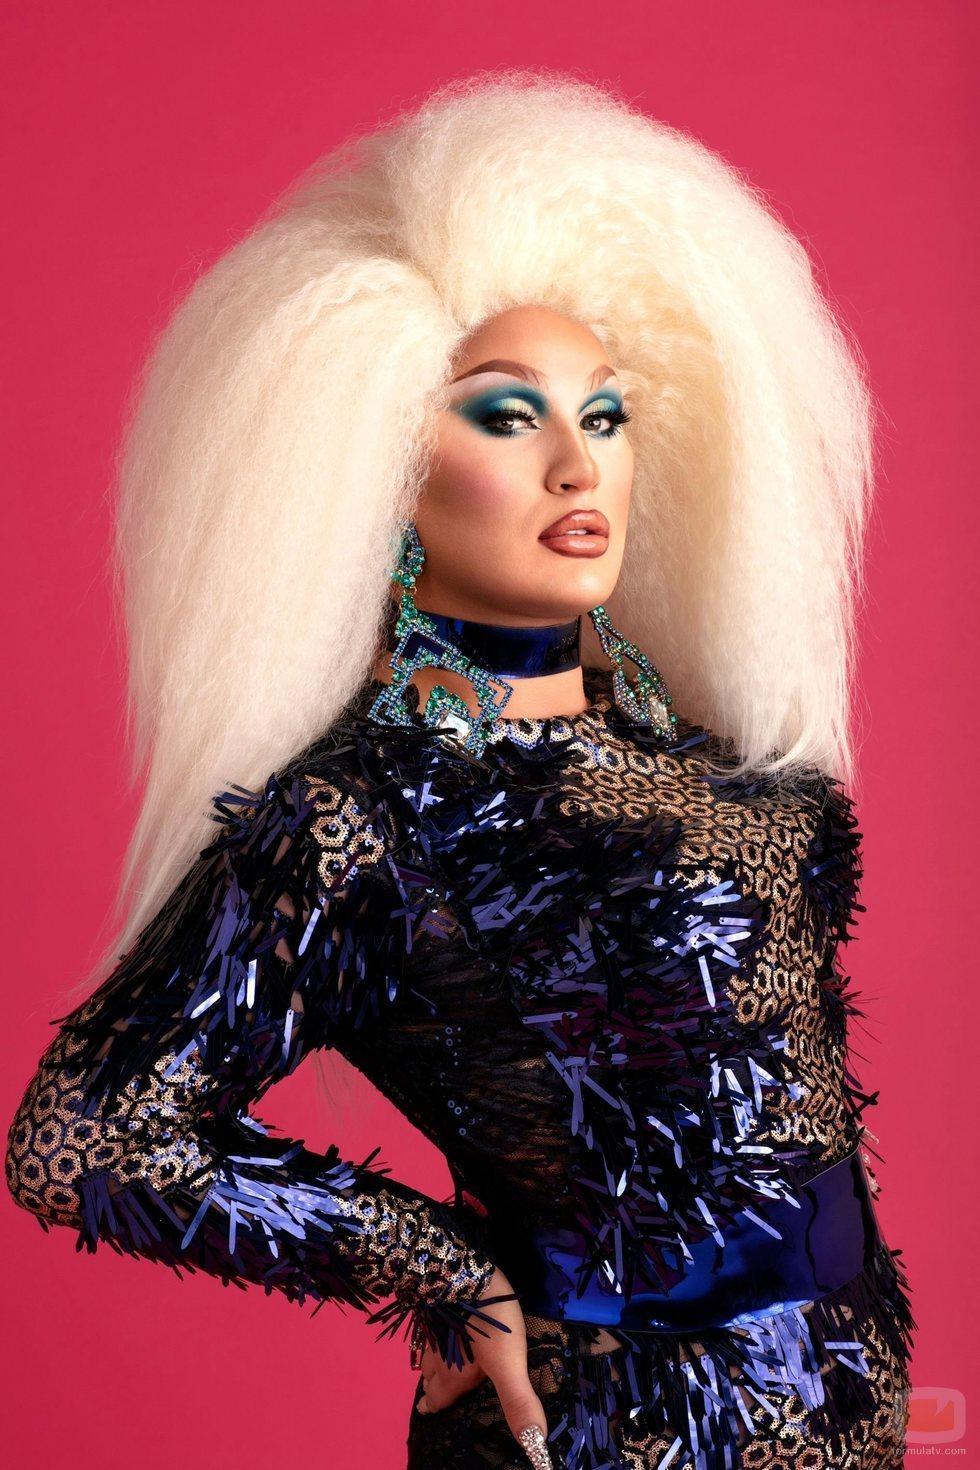 The Vivienne, concursante de 'RuPaul's Drag Race UK'